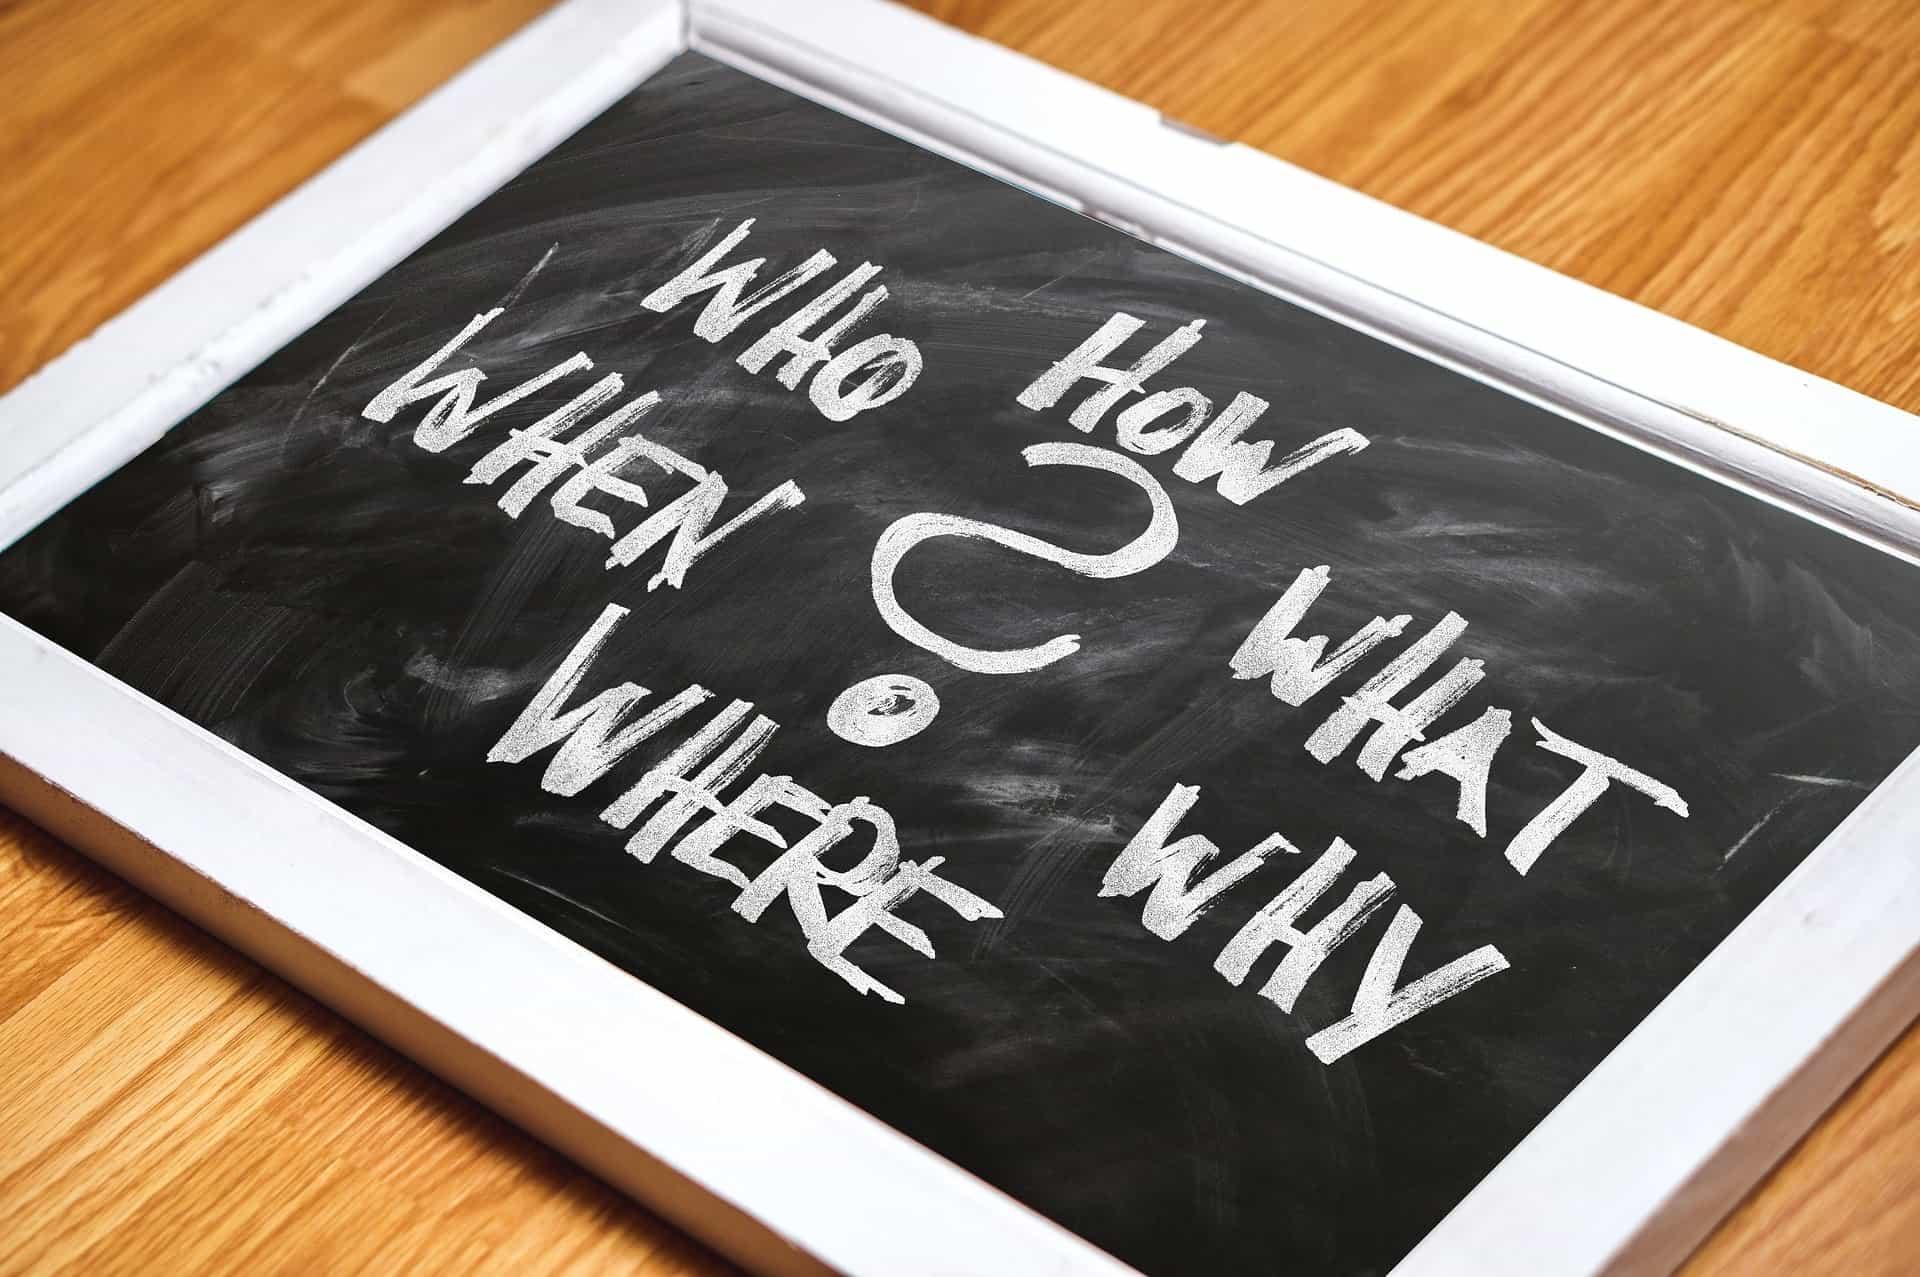 Krijtbord om ideeën op te schrijven voor het ontwerpen van een website of webshop